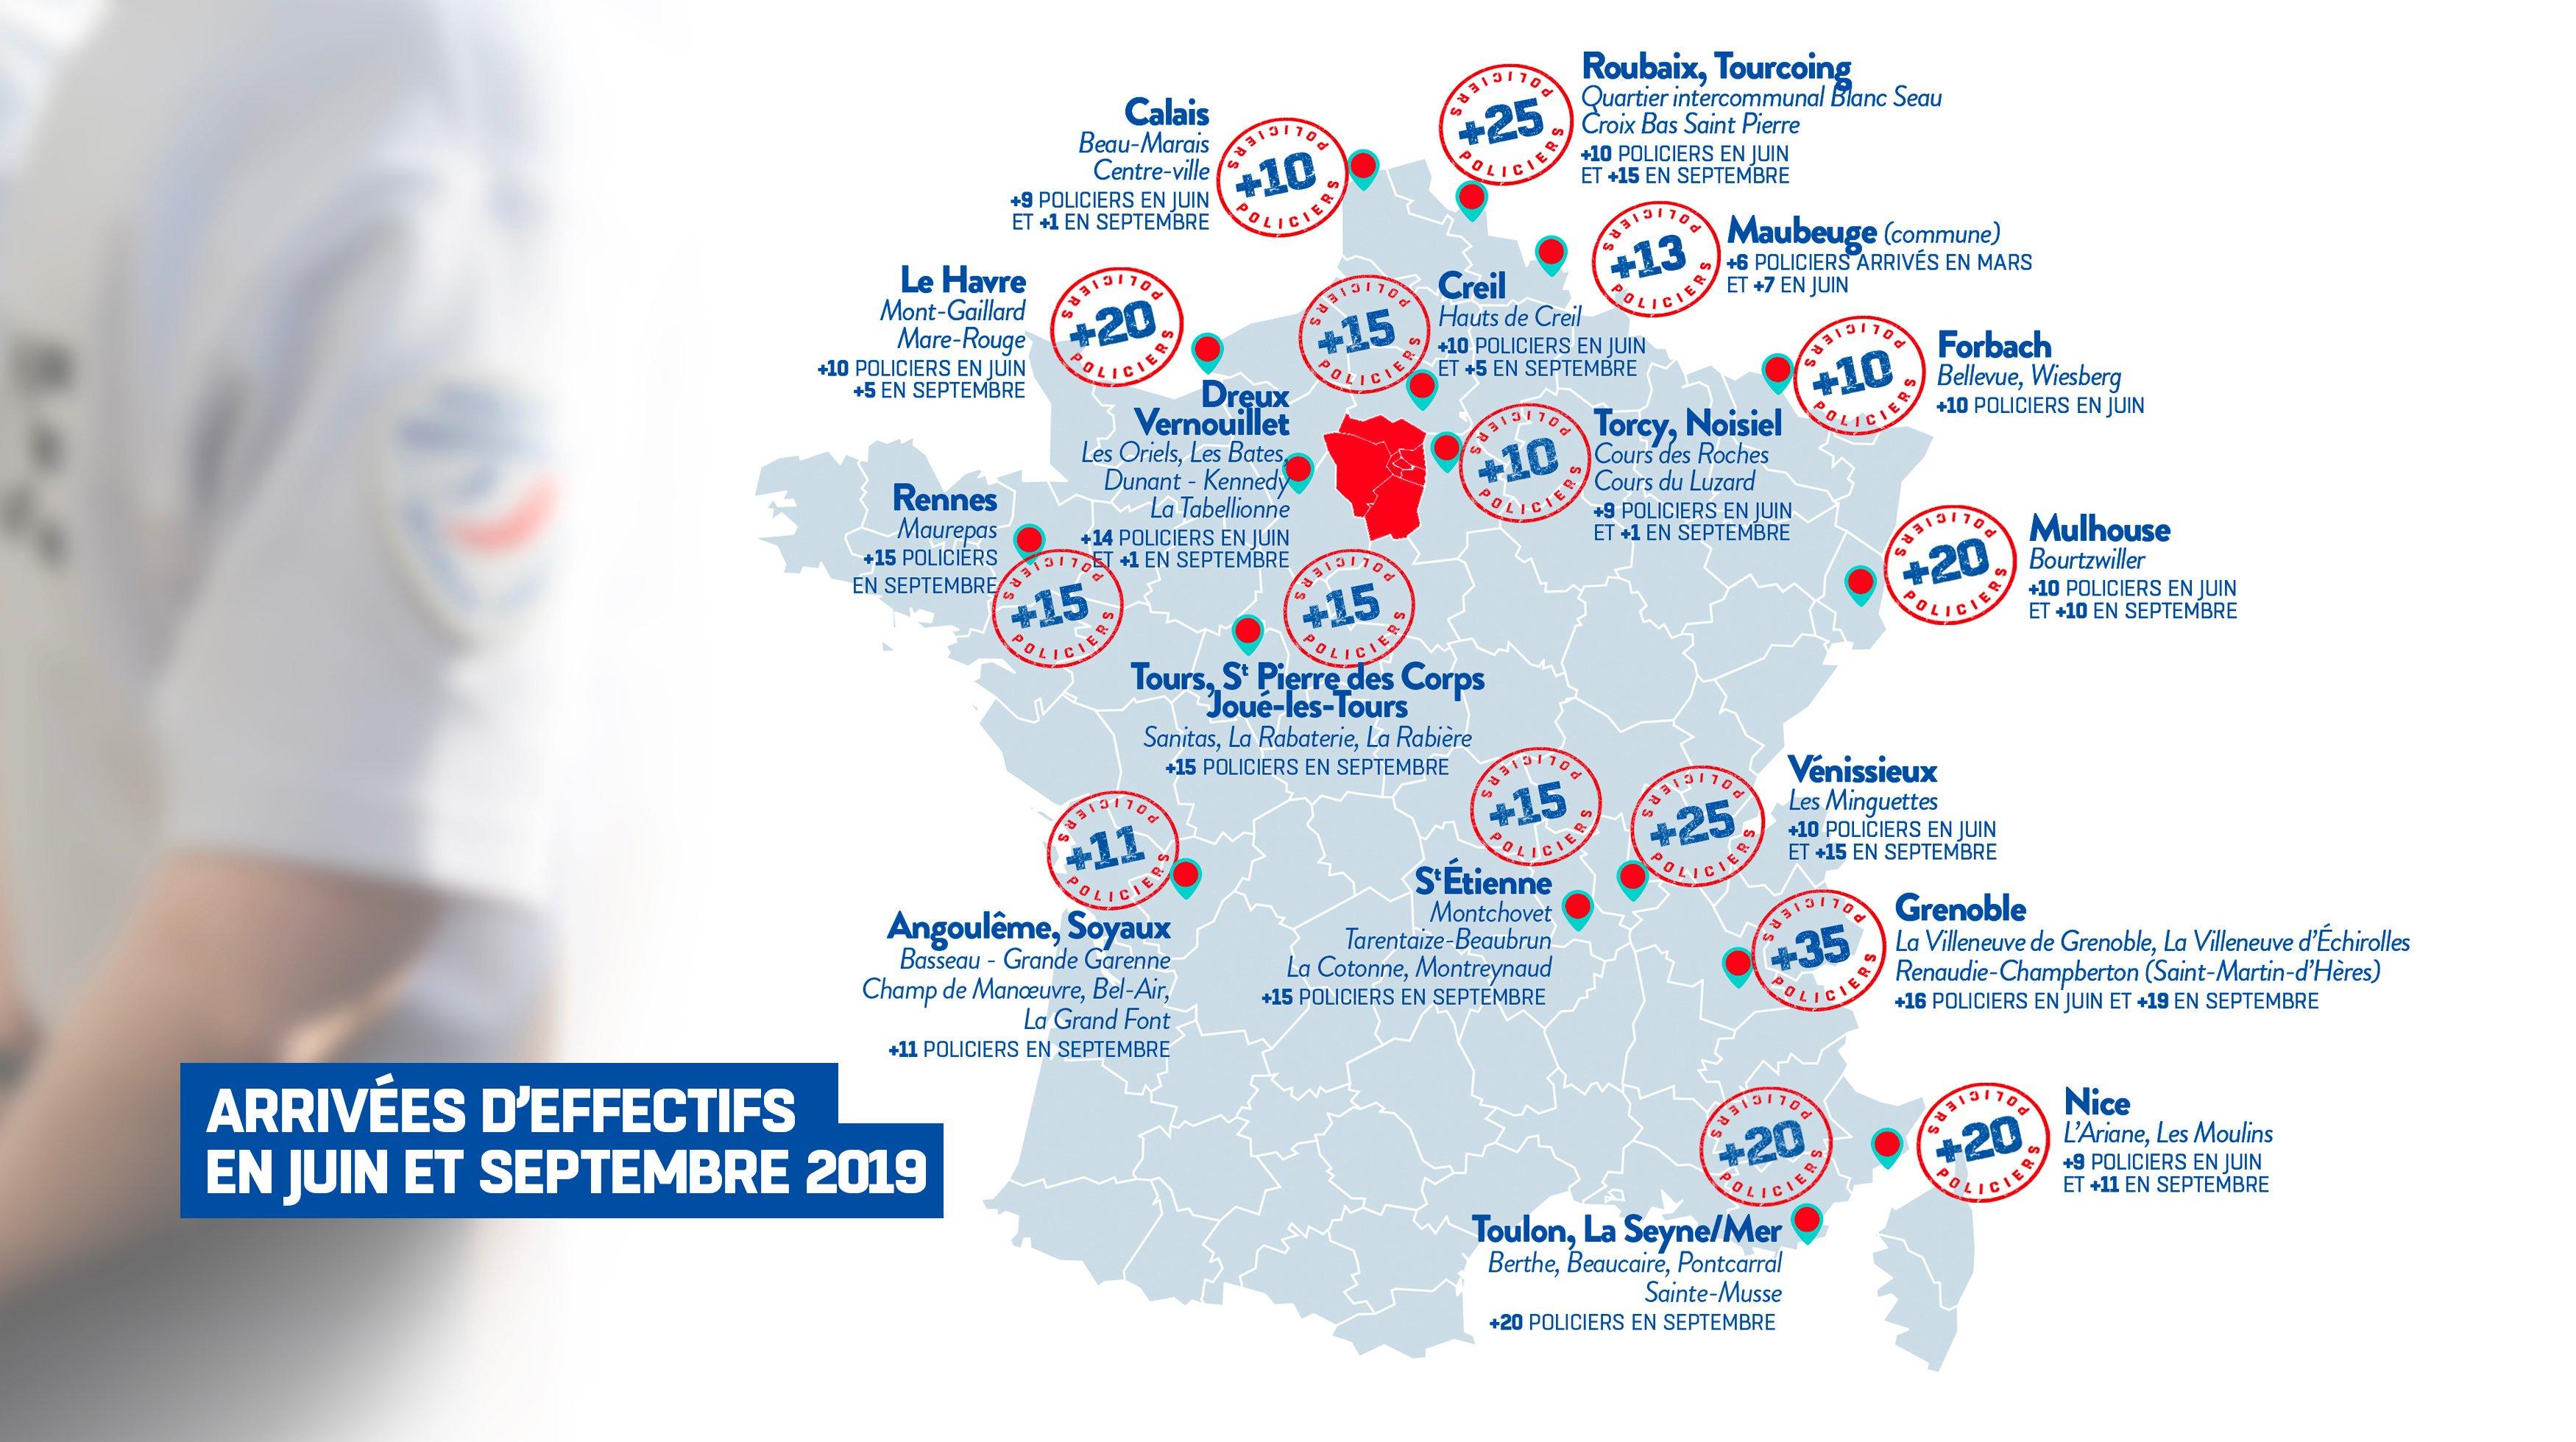 Castaner: 20 Agents de la Police de Sécurité du Quotidien arrivent à La Seyne et Toulon en Renfort